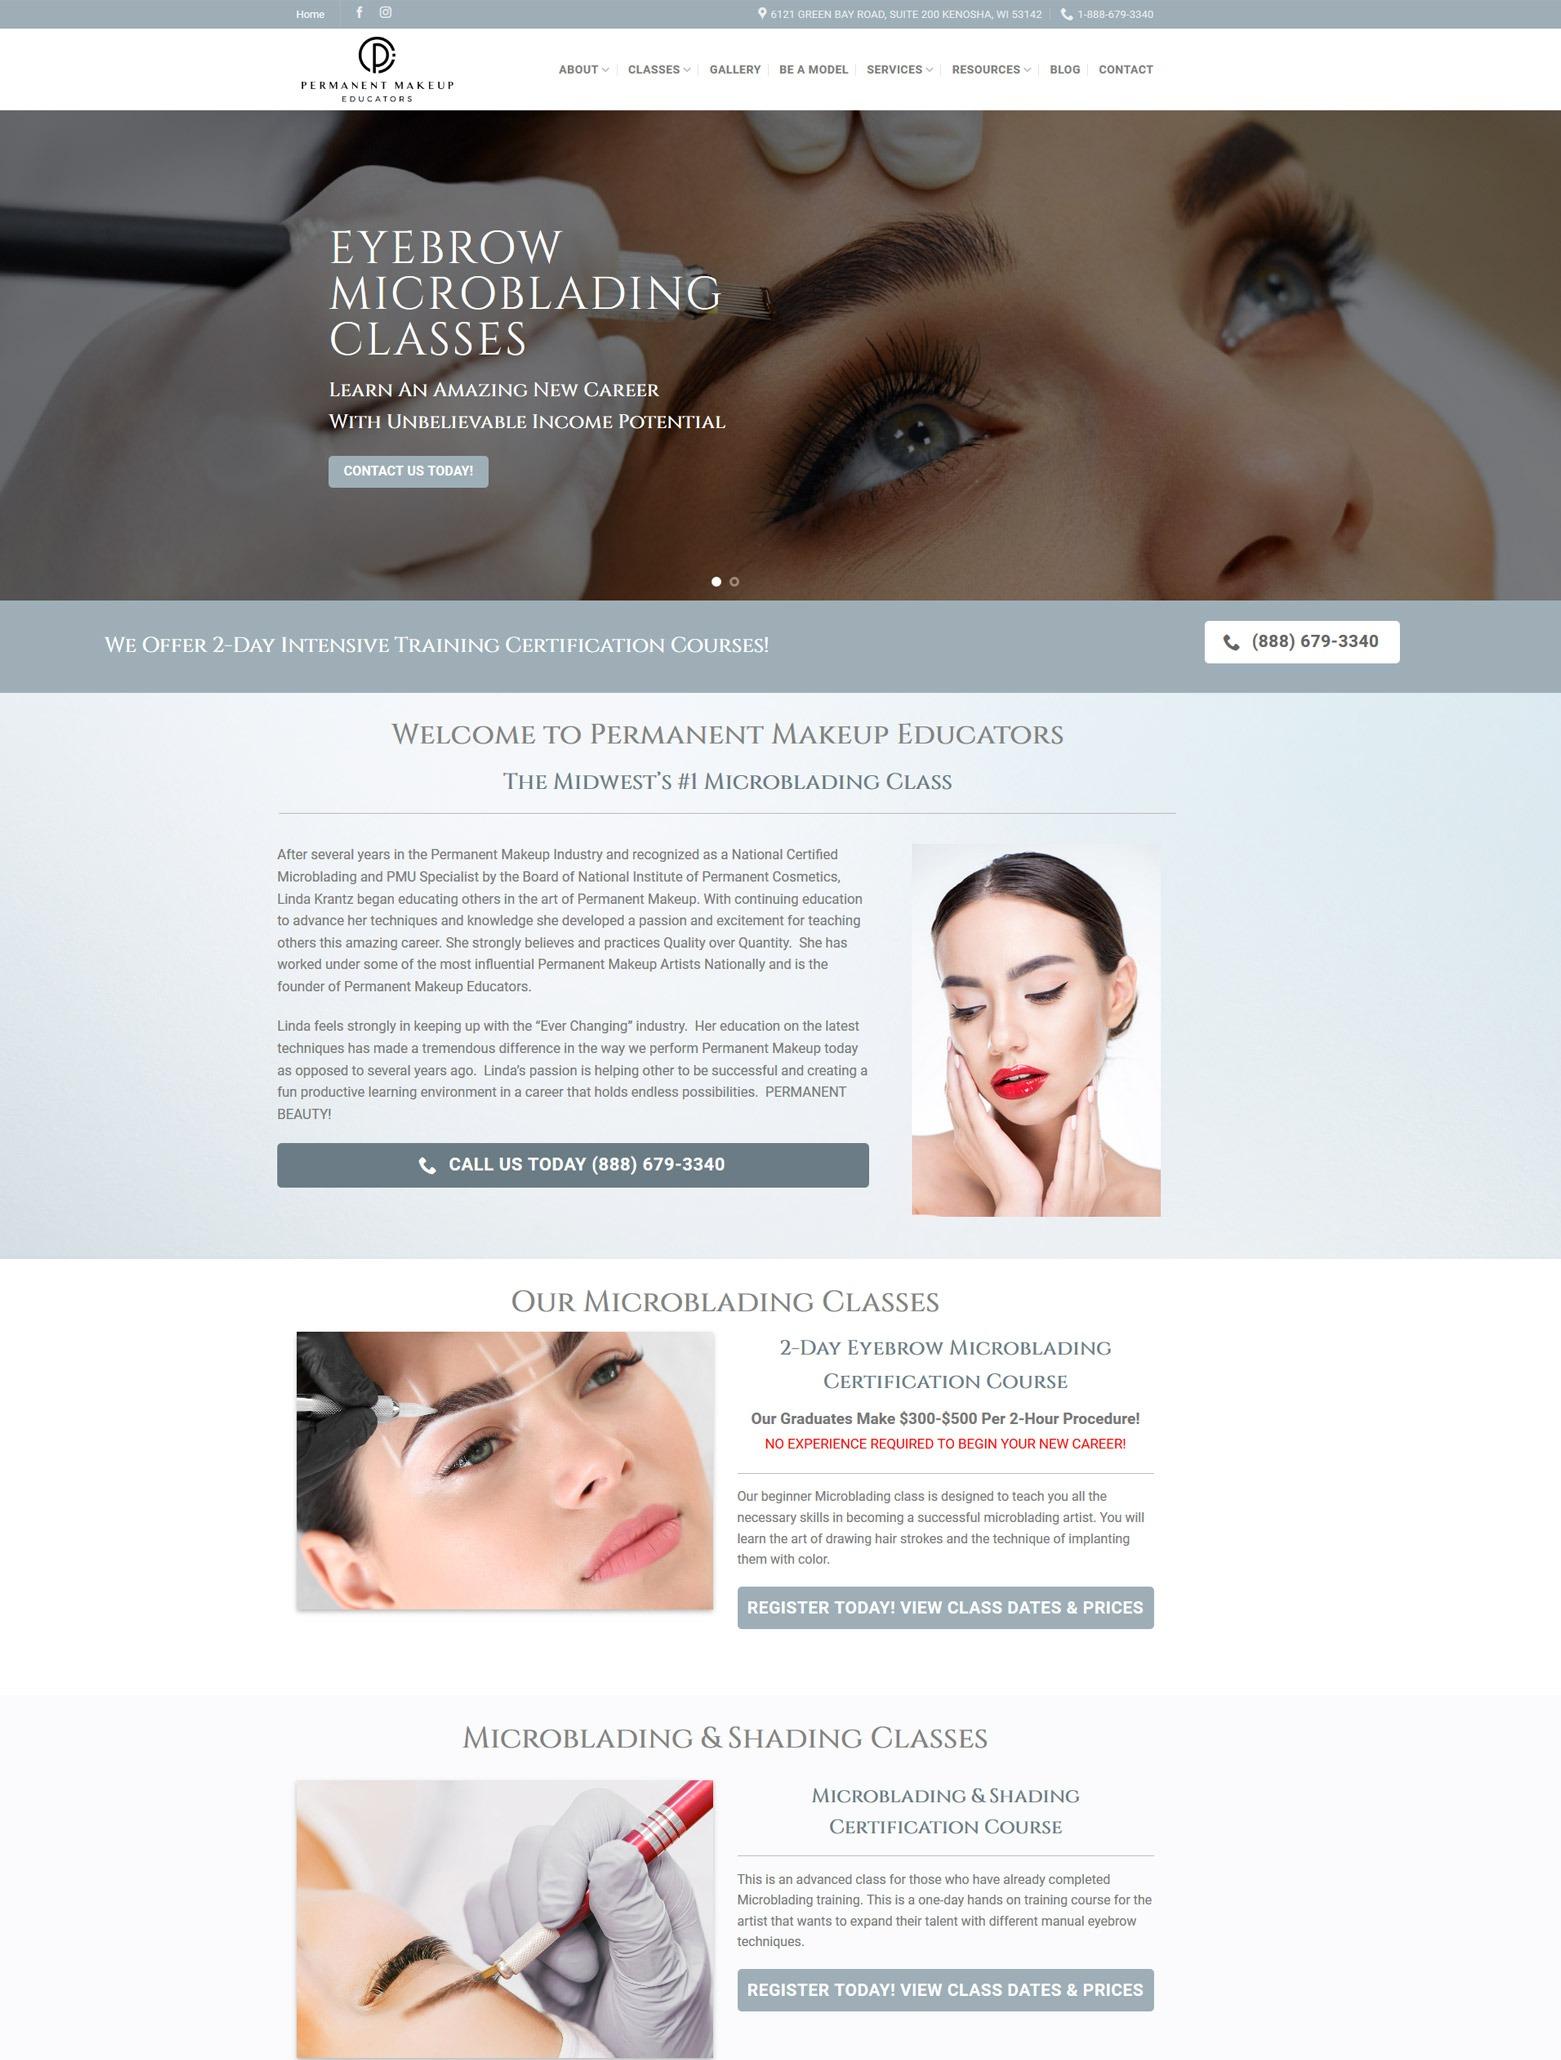 Los Angeles Microblading Web Design Company